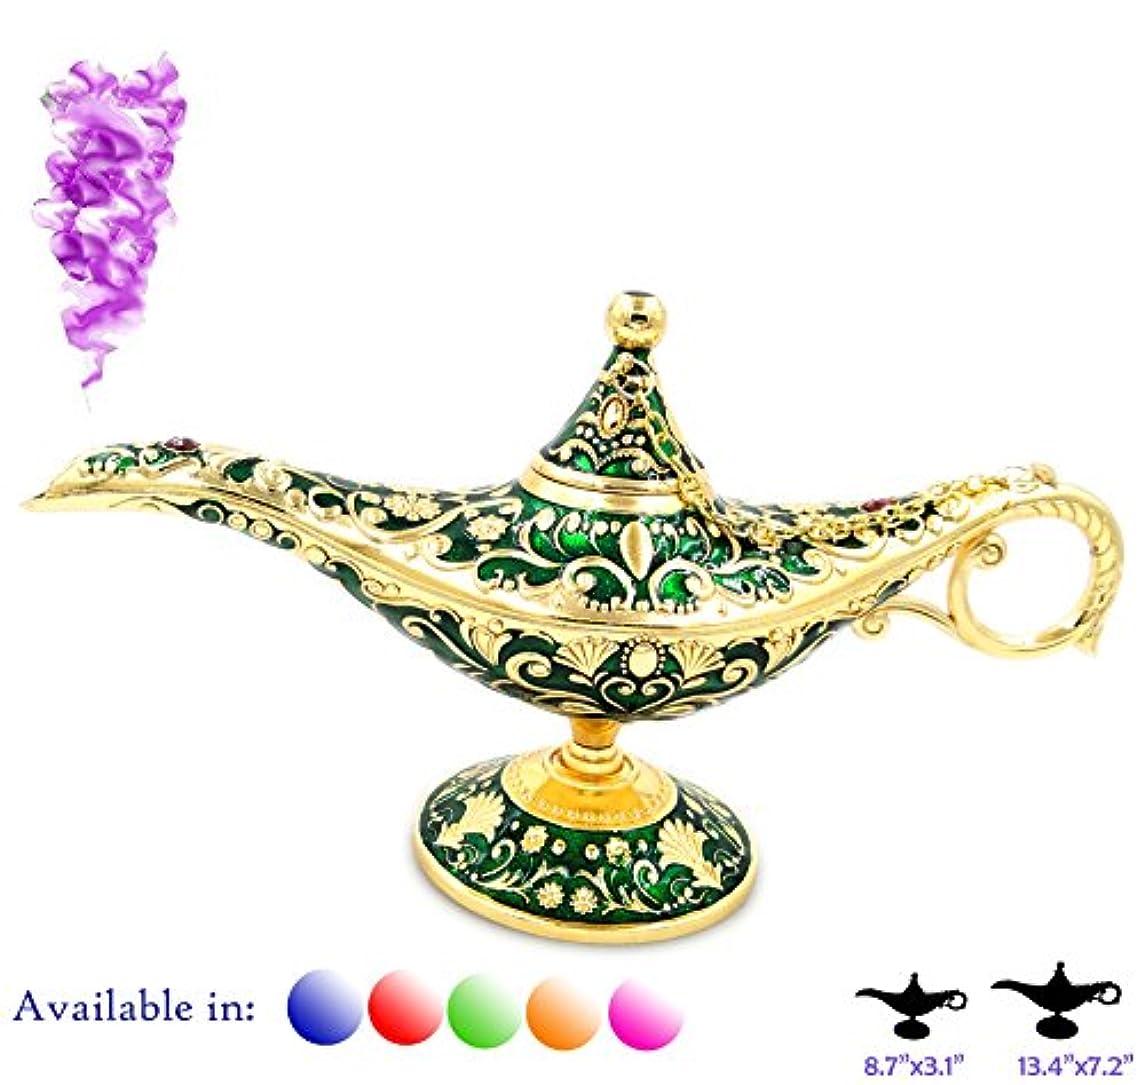 留まる修復ヘッジ凡例Aladdin Magic Genieライトランプポットクラシックカラー真鍮Aladdin Genie Lamps Incense Burners Normal 8.7x3.1